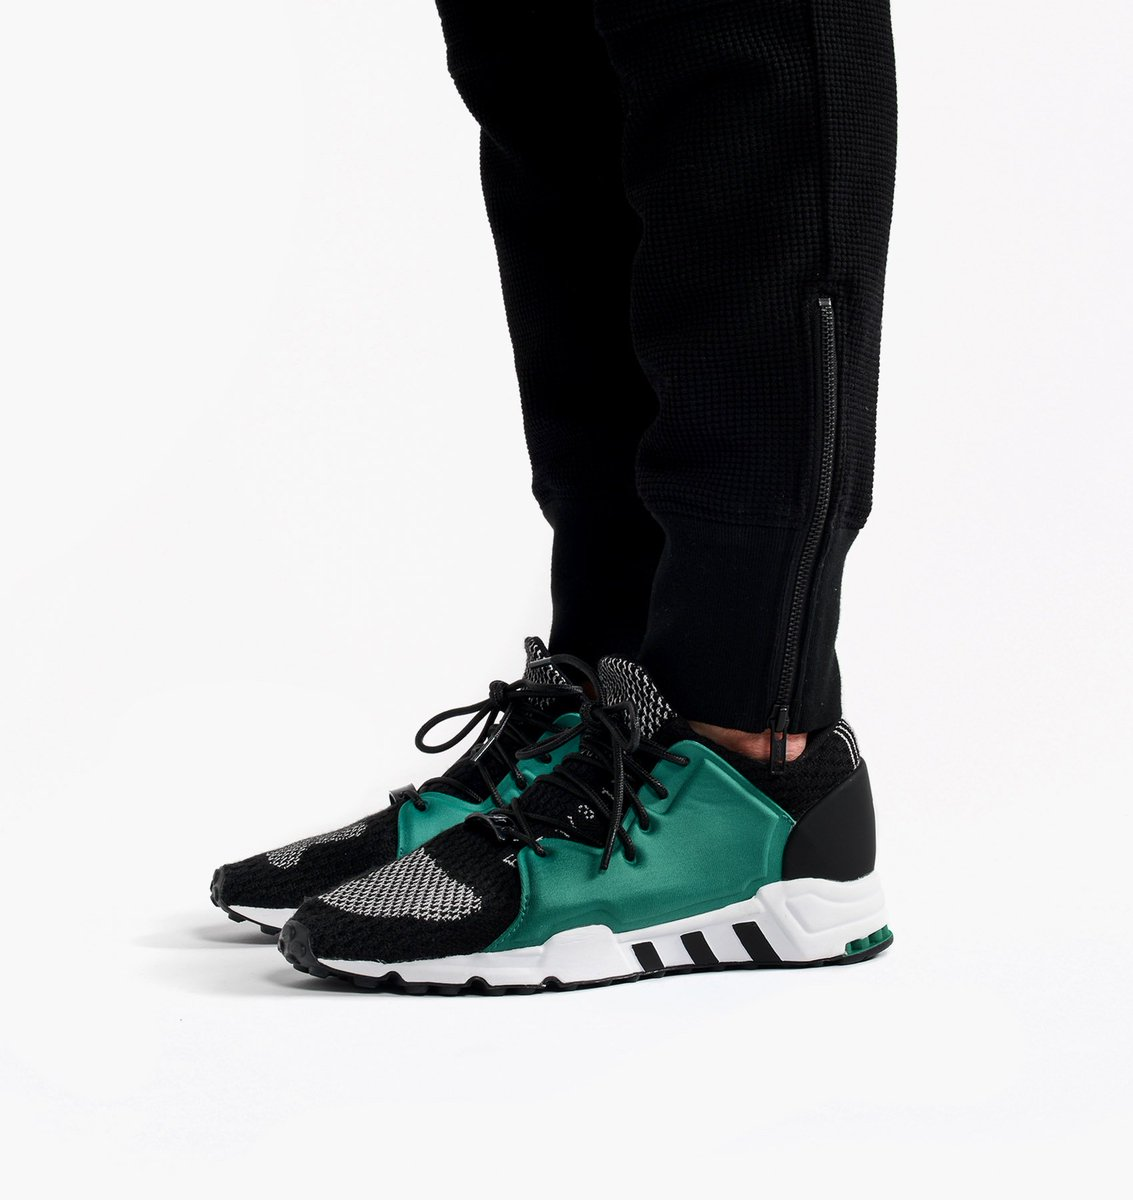 Adidas alertas en Twitter: